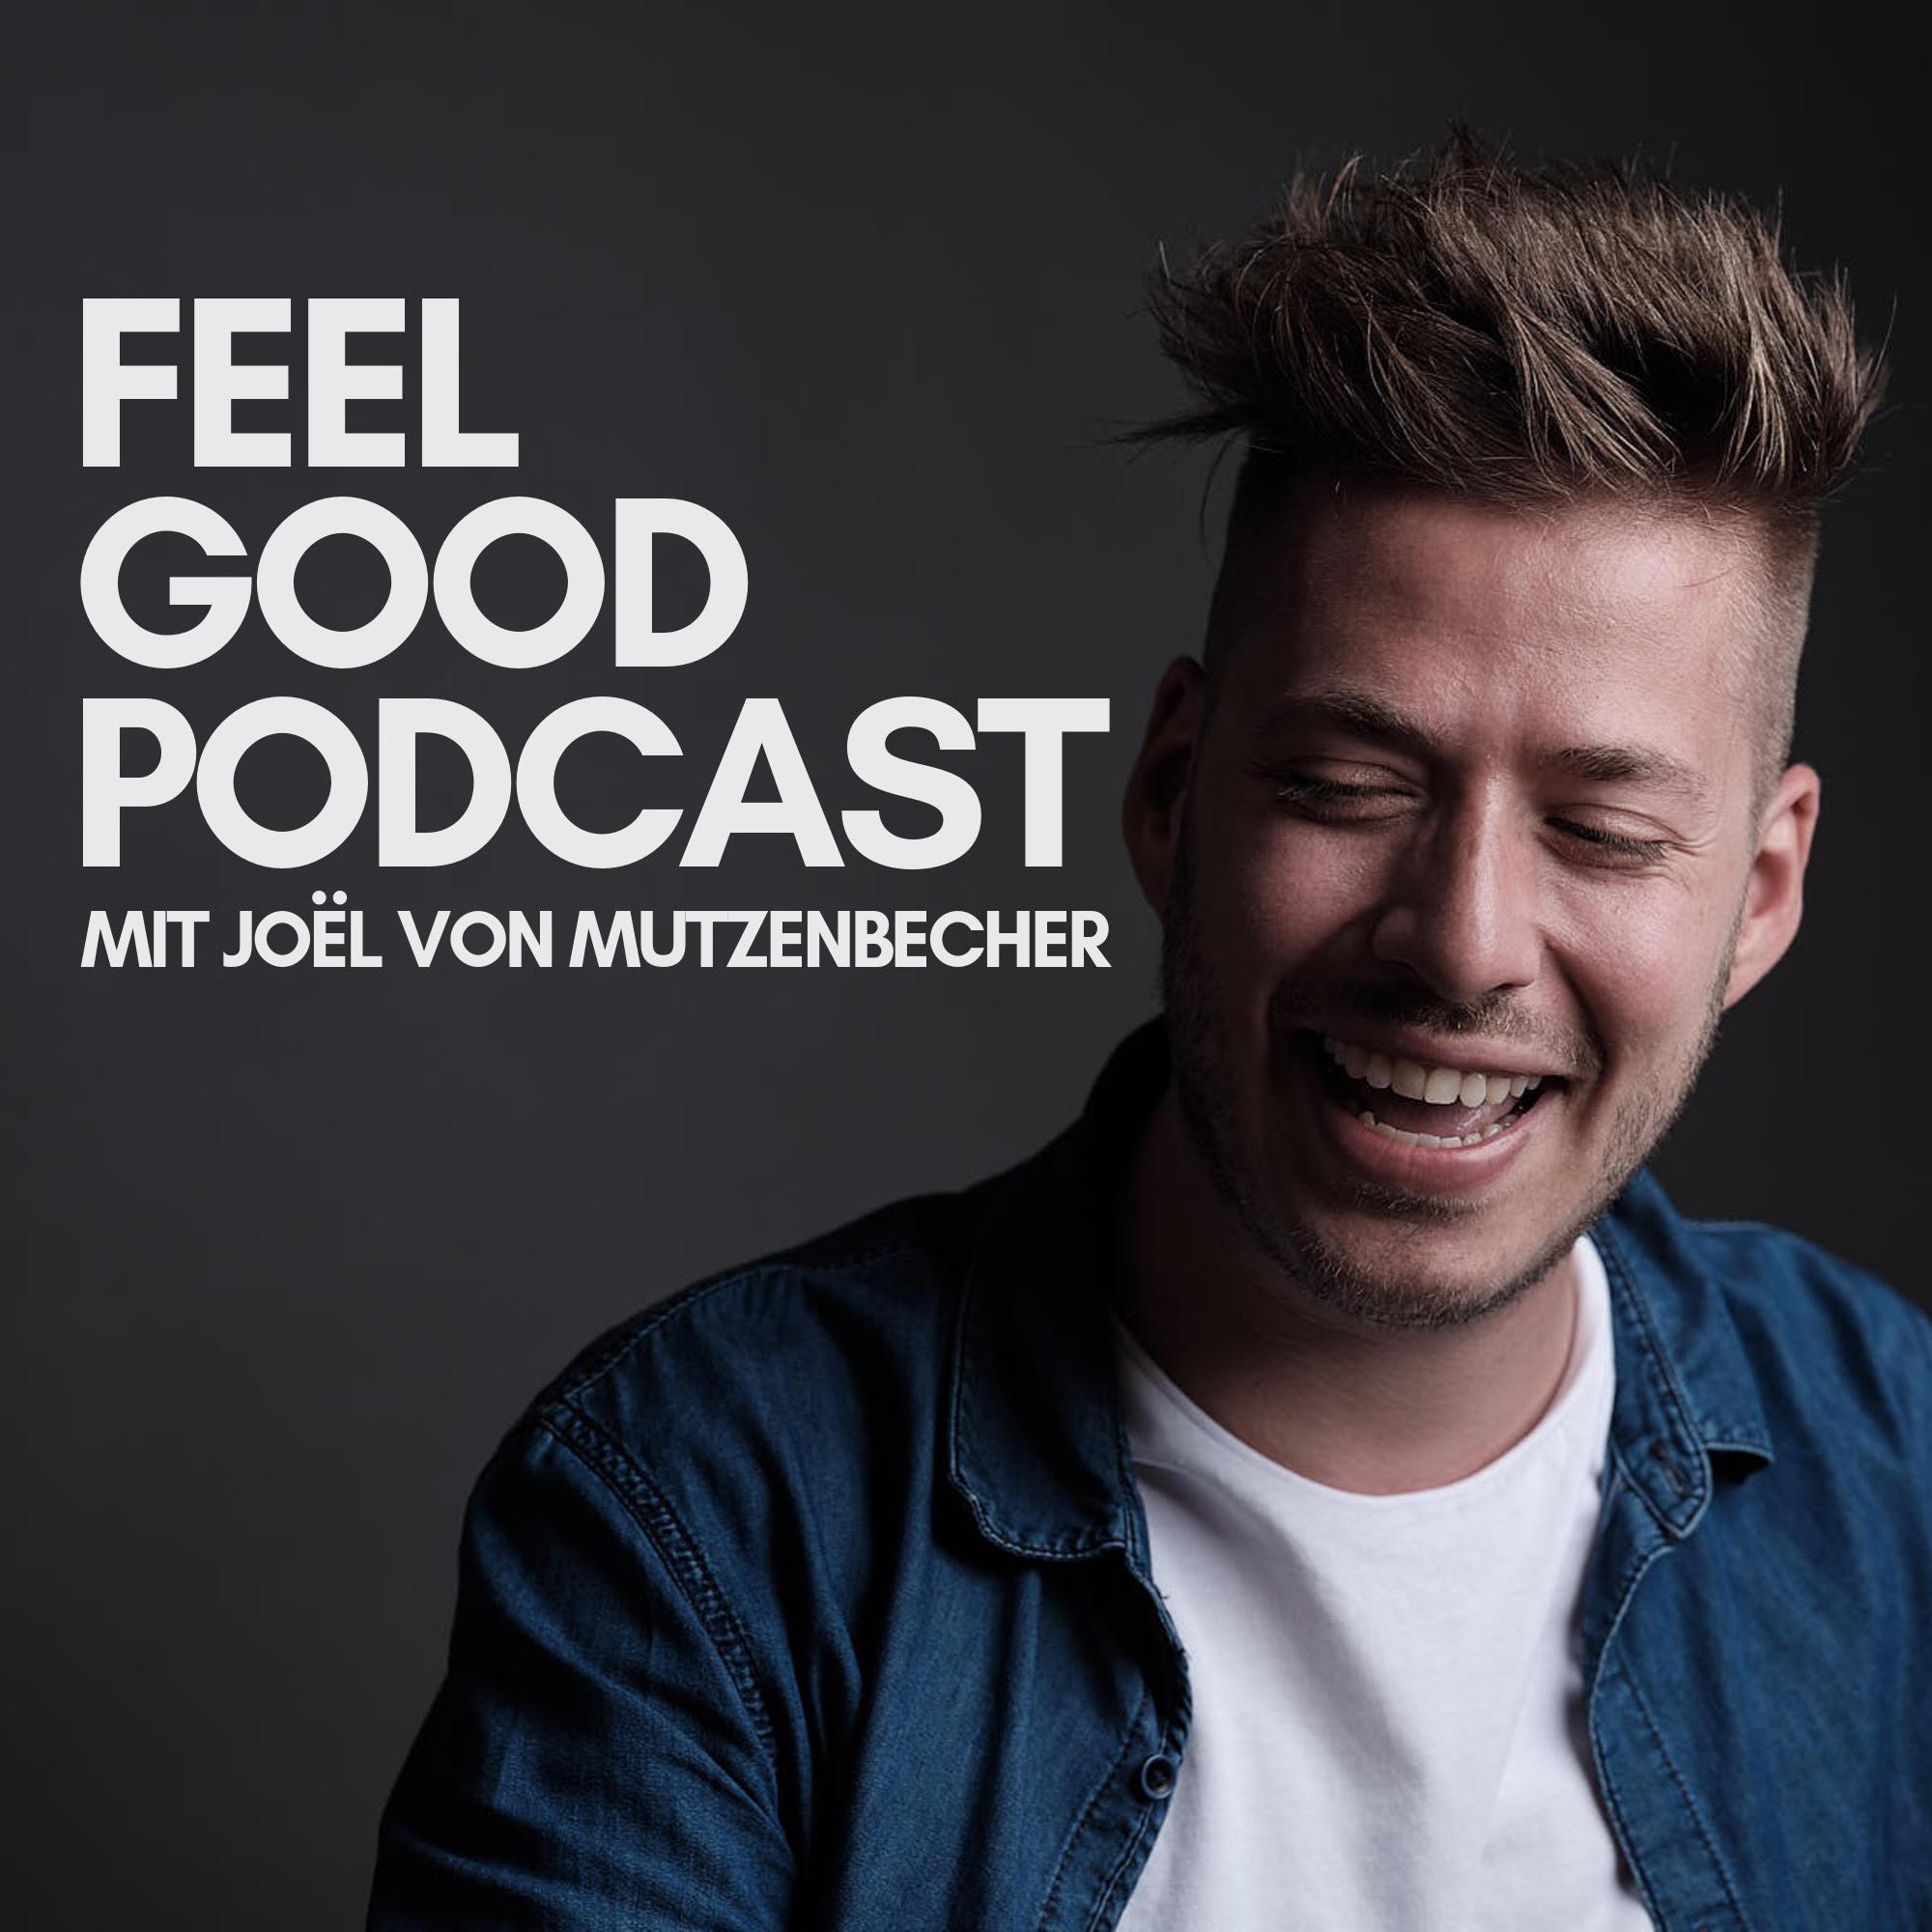 FEEL GOOD PODCAST mit Joël von Mutzenbecher show art